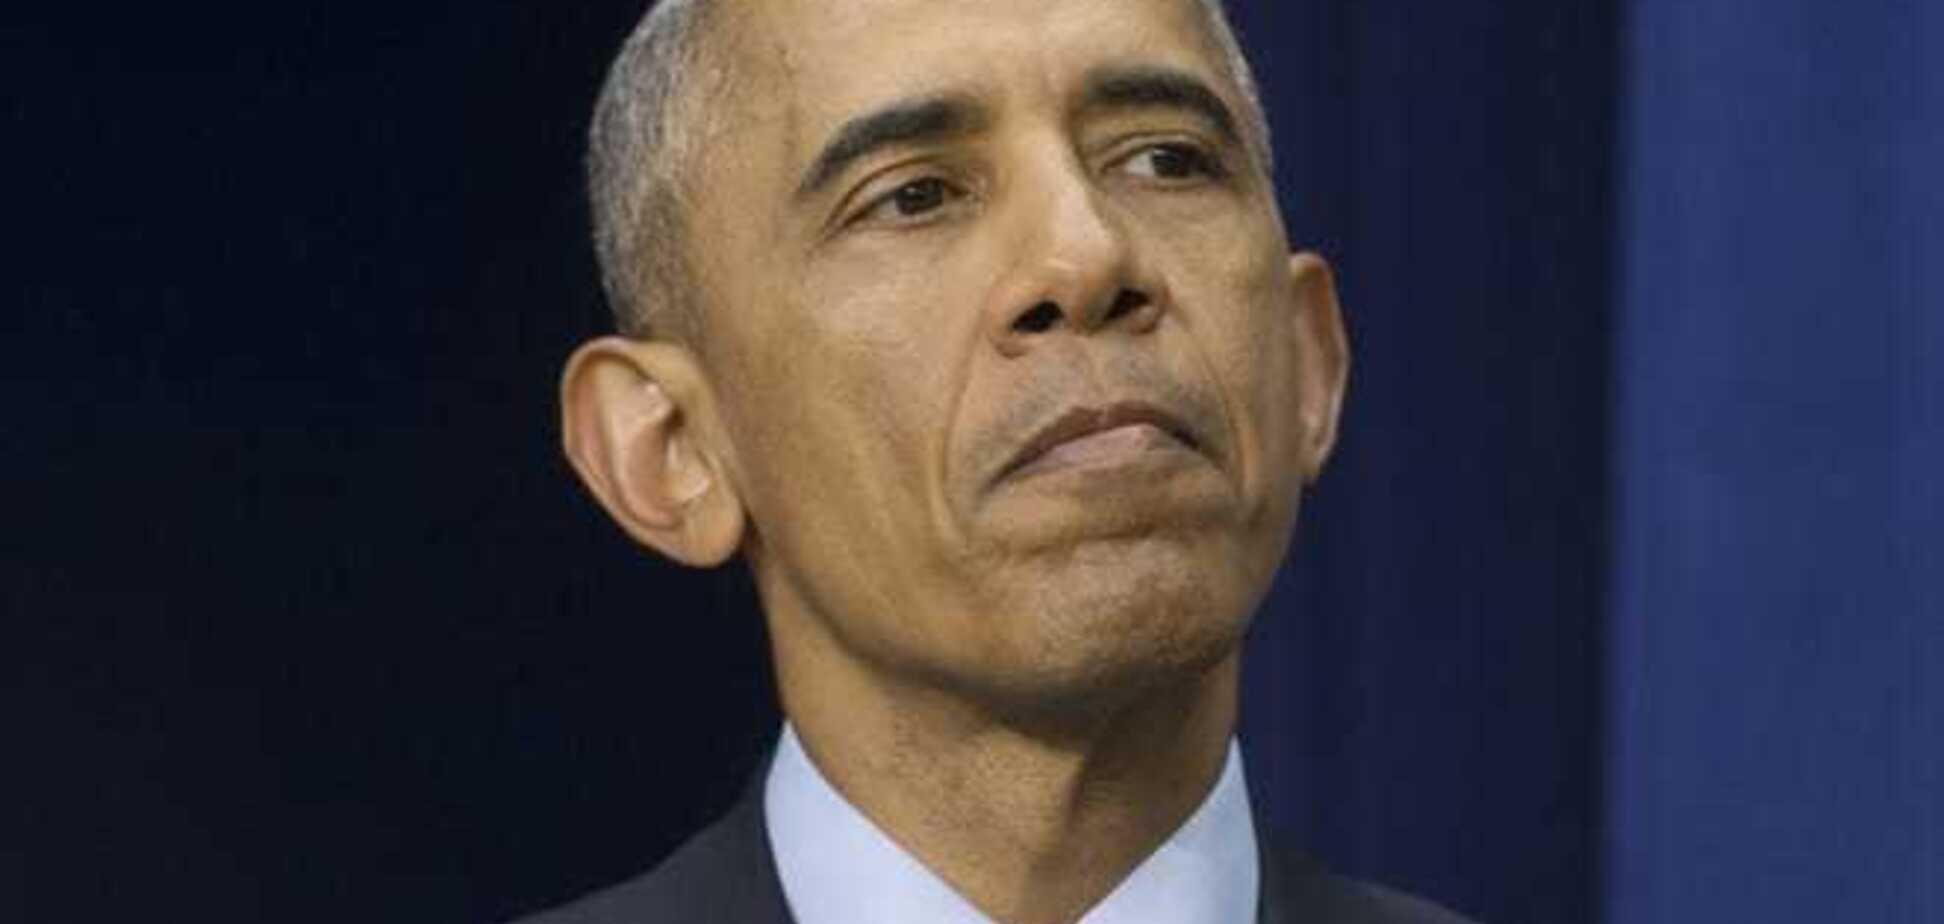 Інша Америка: Джексон і Обама увійшли до темношкірої шкали зла